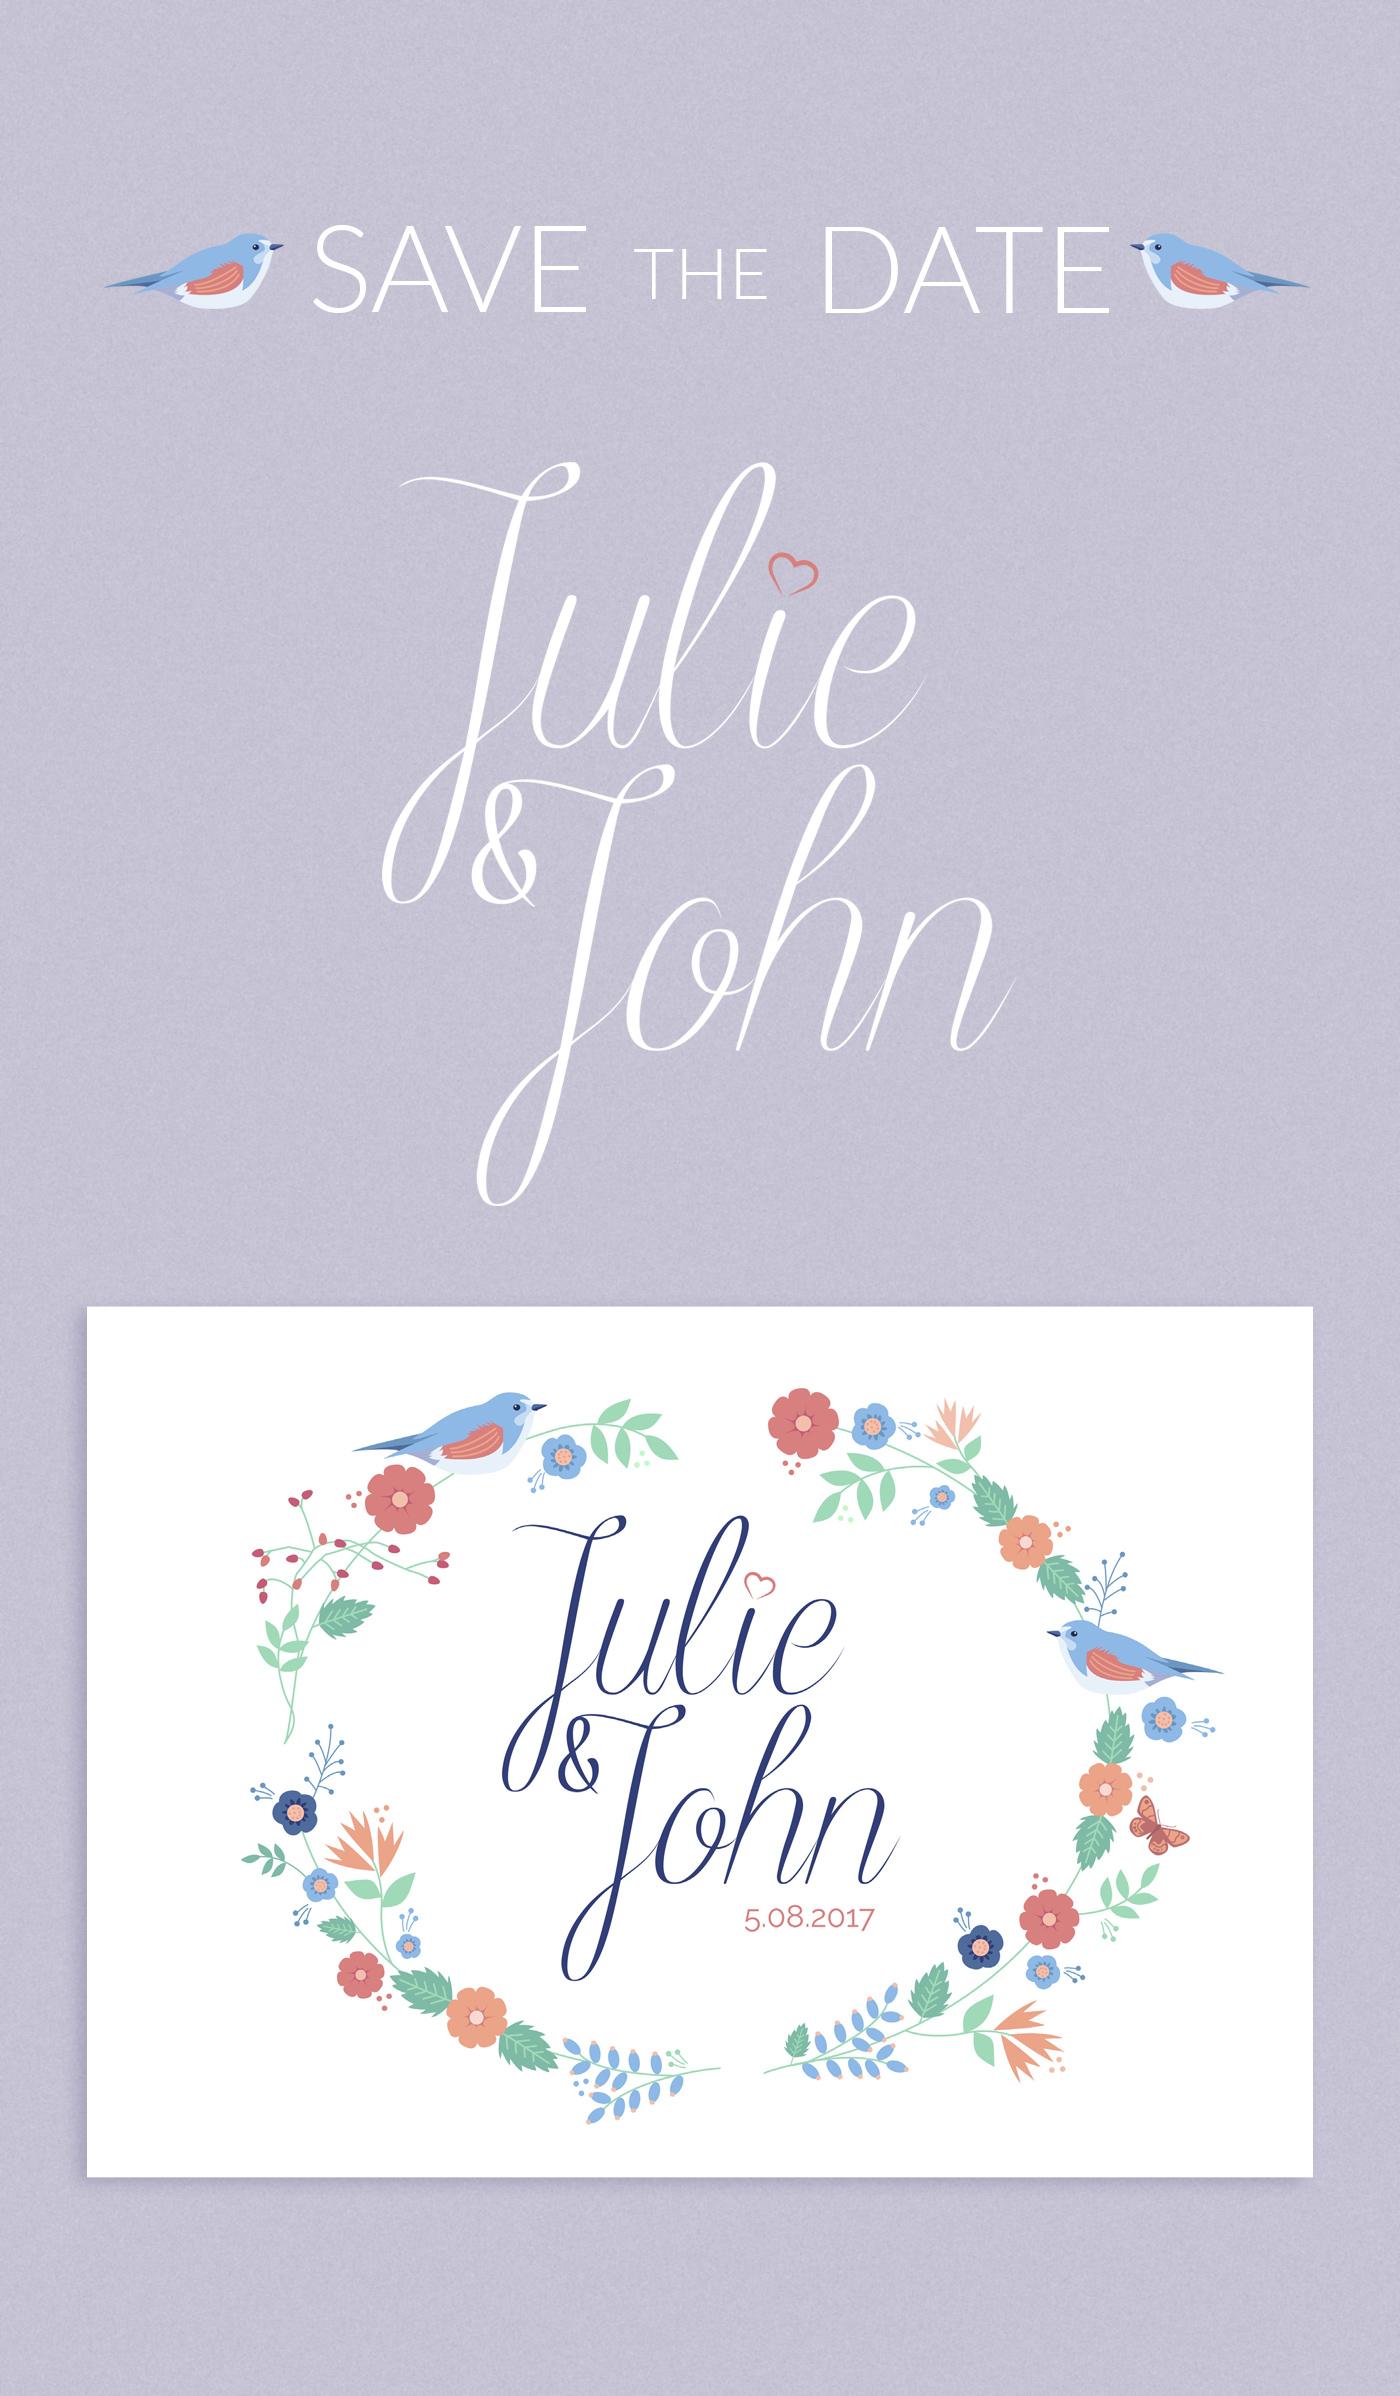 Faire part du mariage de Julie et john